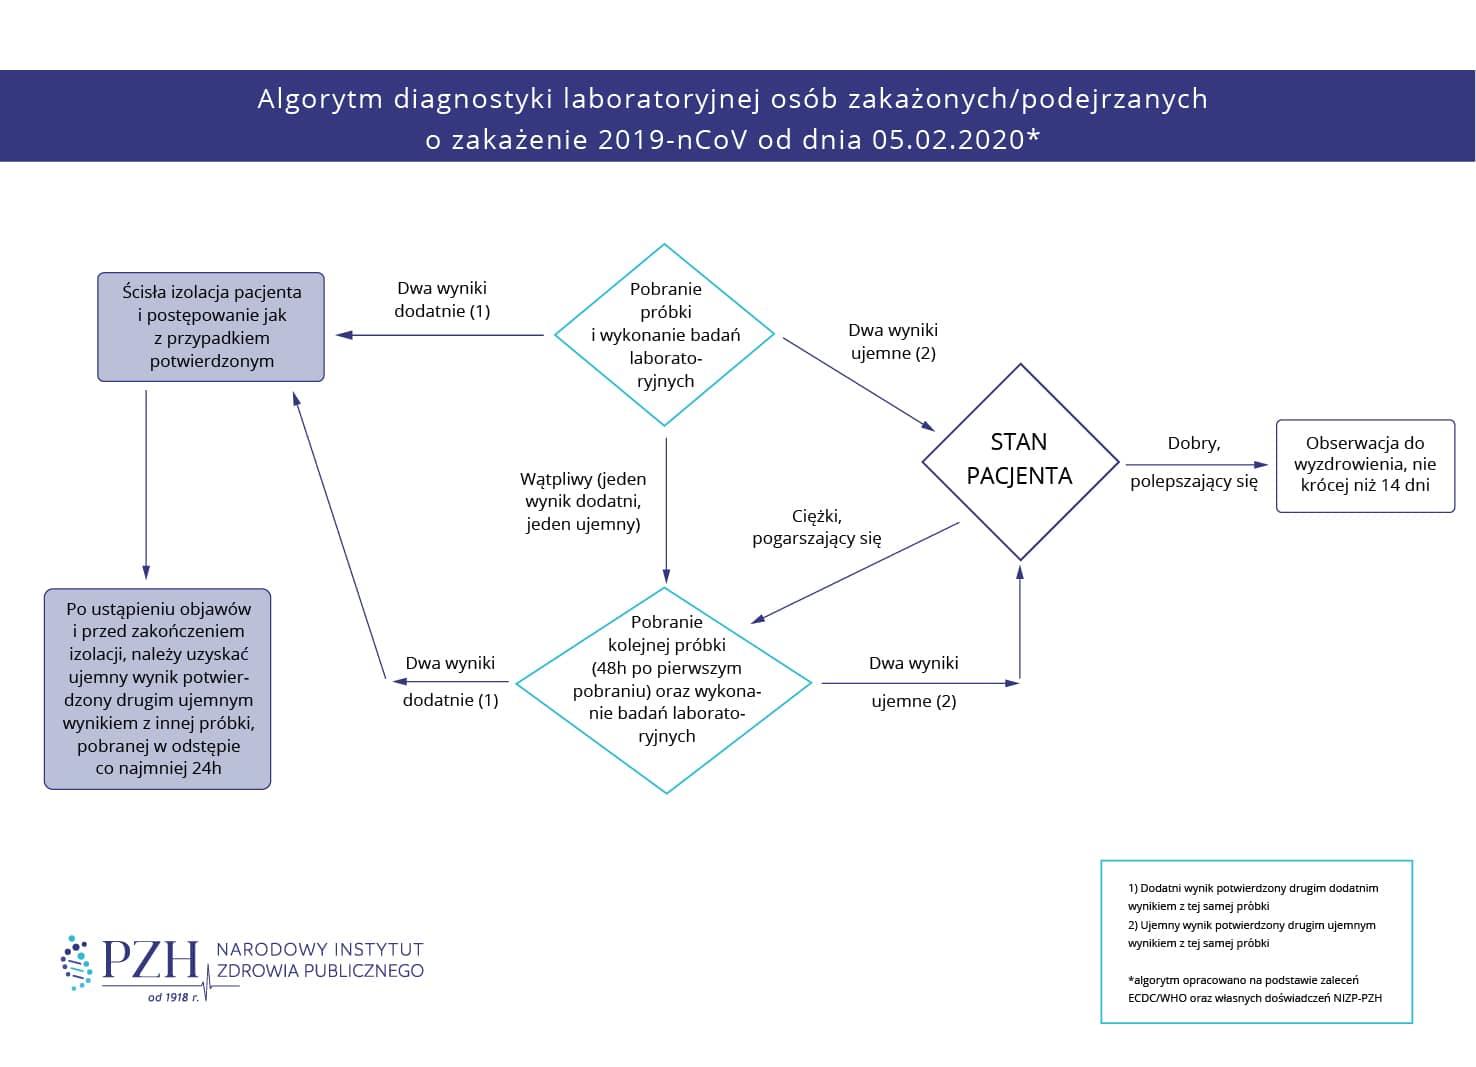 Koronawirus – algorytm diagnostyki laboratoryjnej osób zakażonych lub podejrzanych o zakażenie